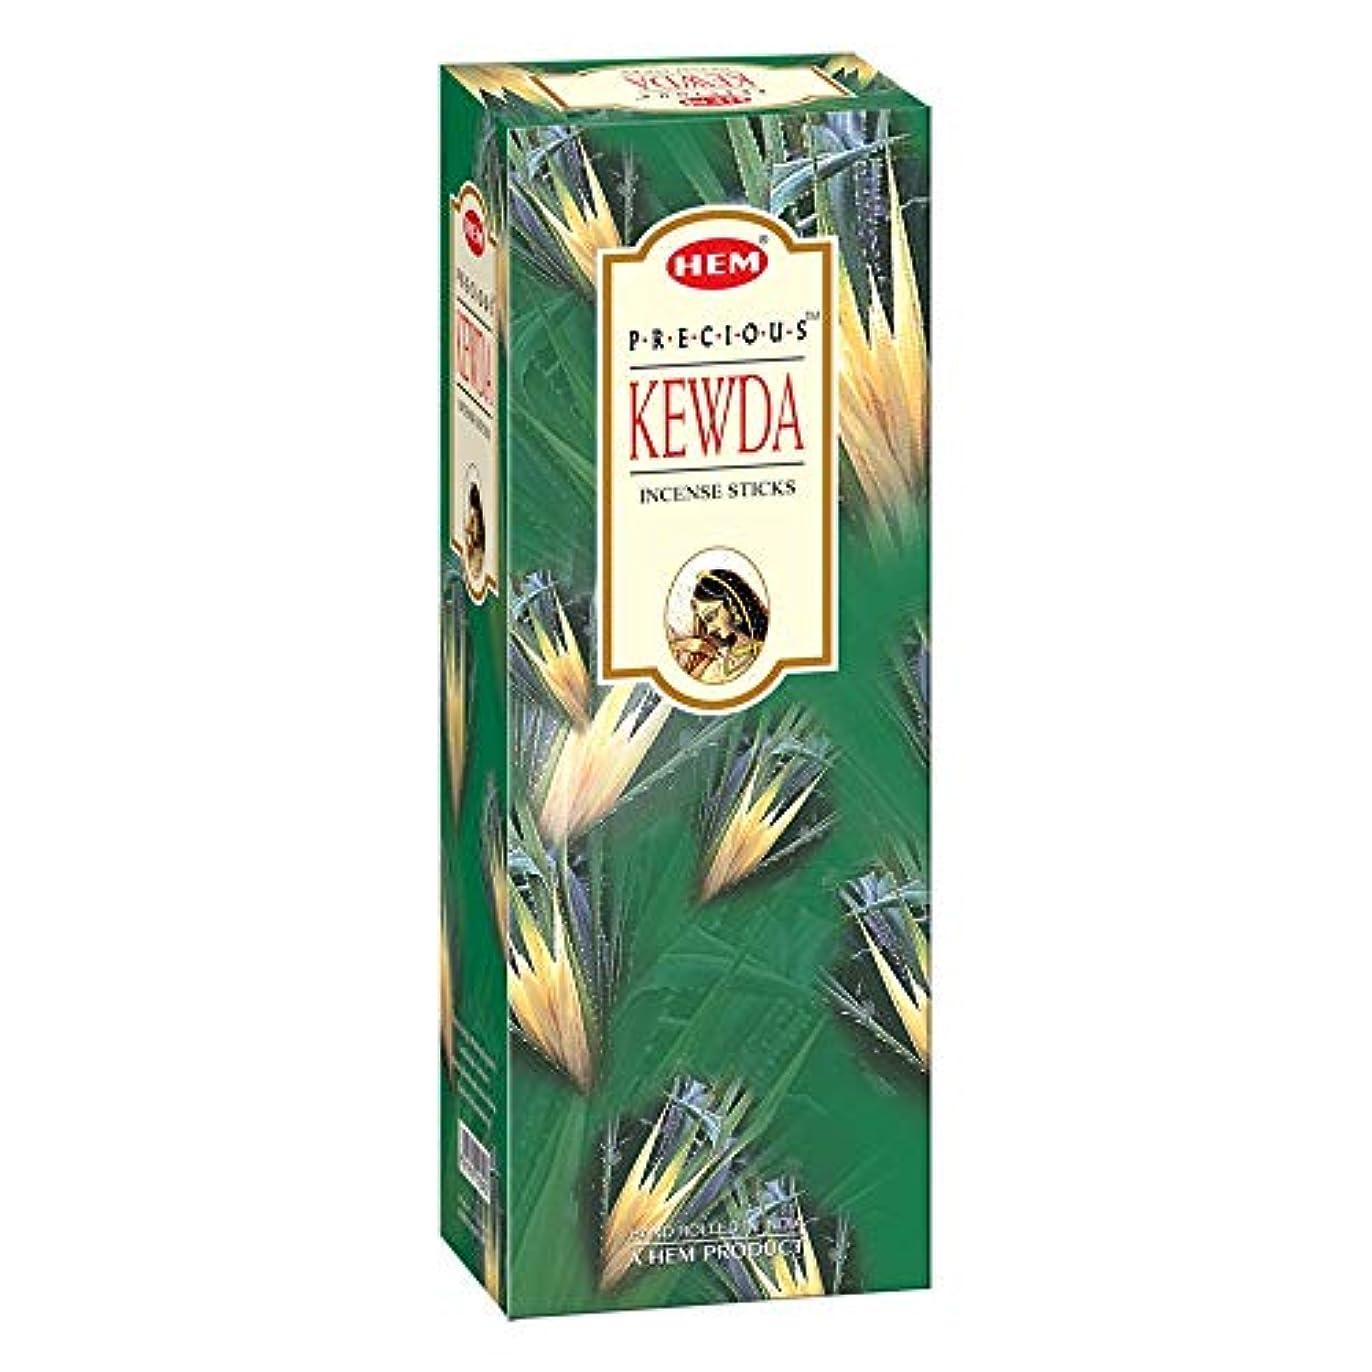 普遍的な風栄光のHem Precious Kewda Incense Sticks(9.3 cm X 6.0 cm X 25.5cm, Black)